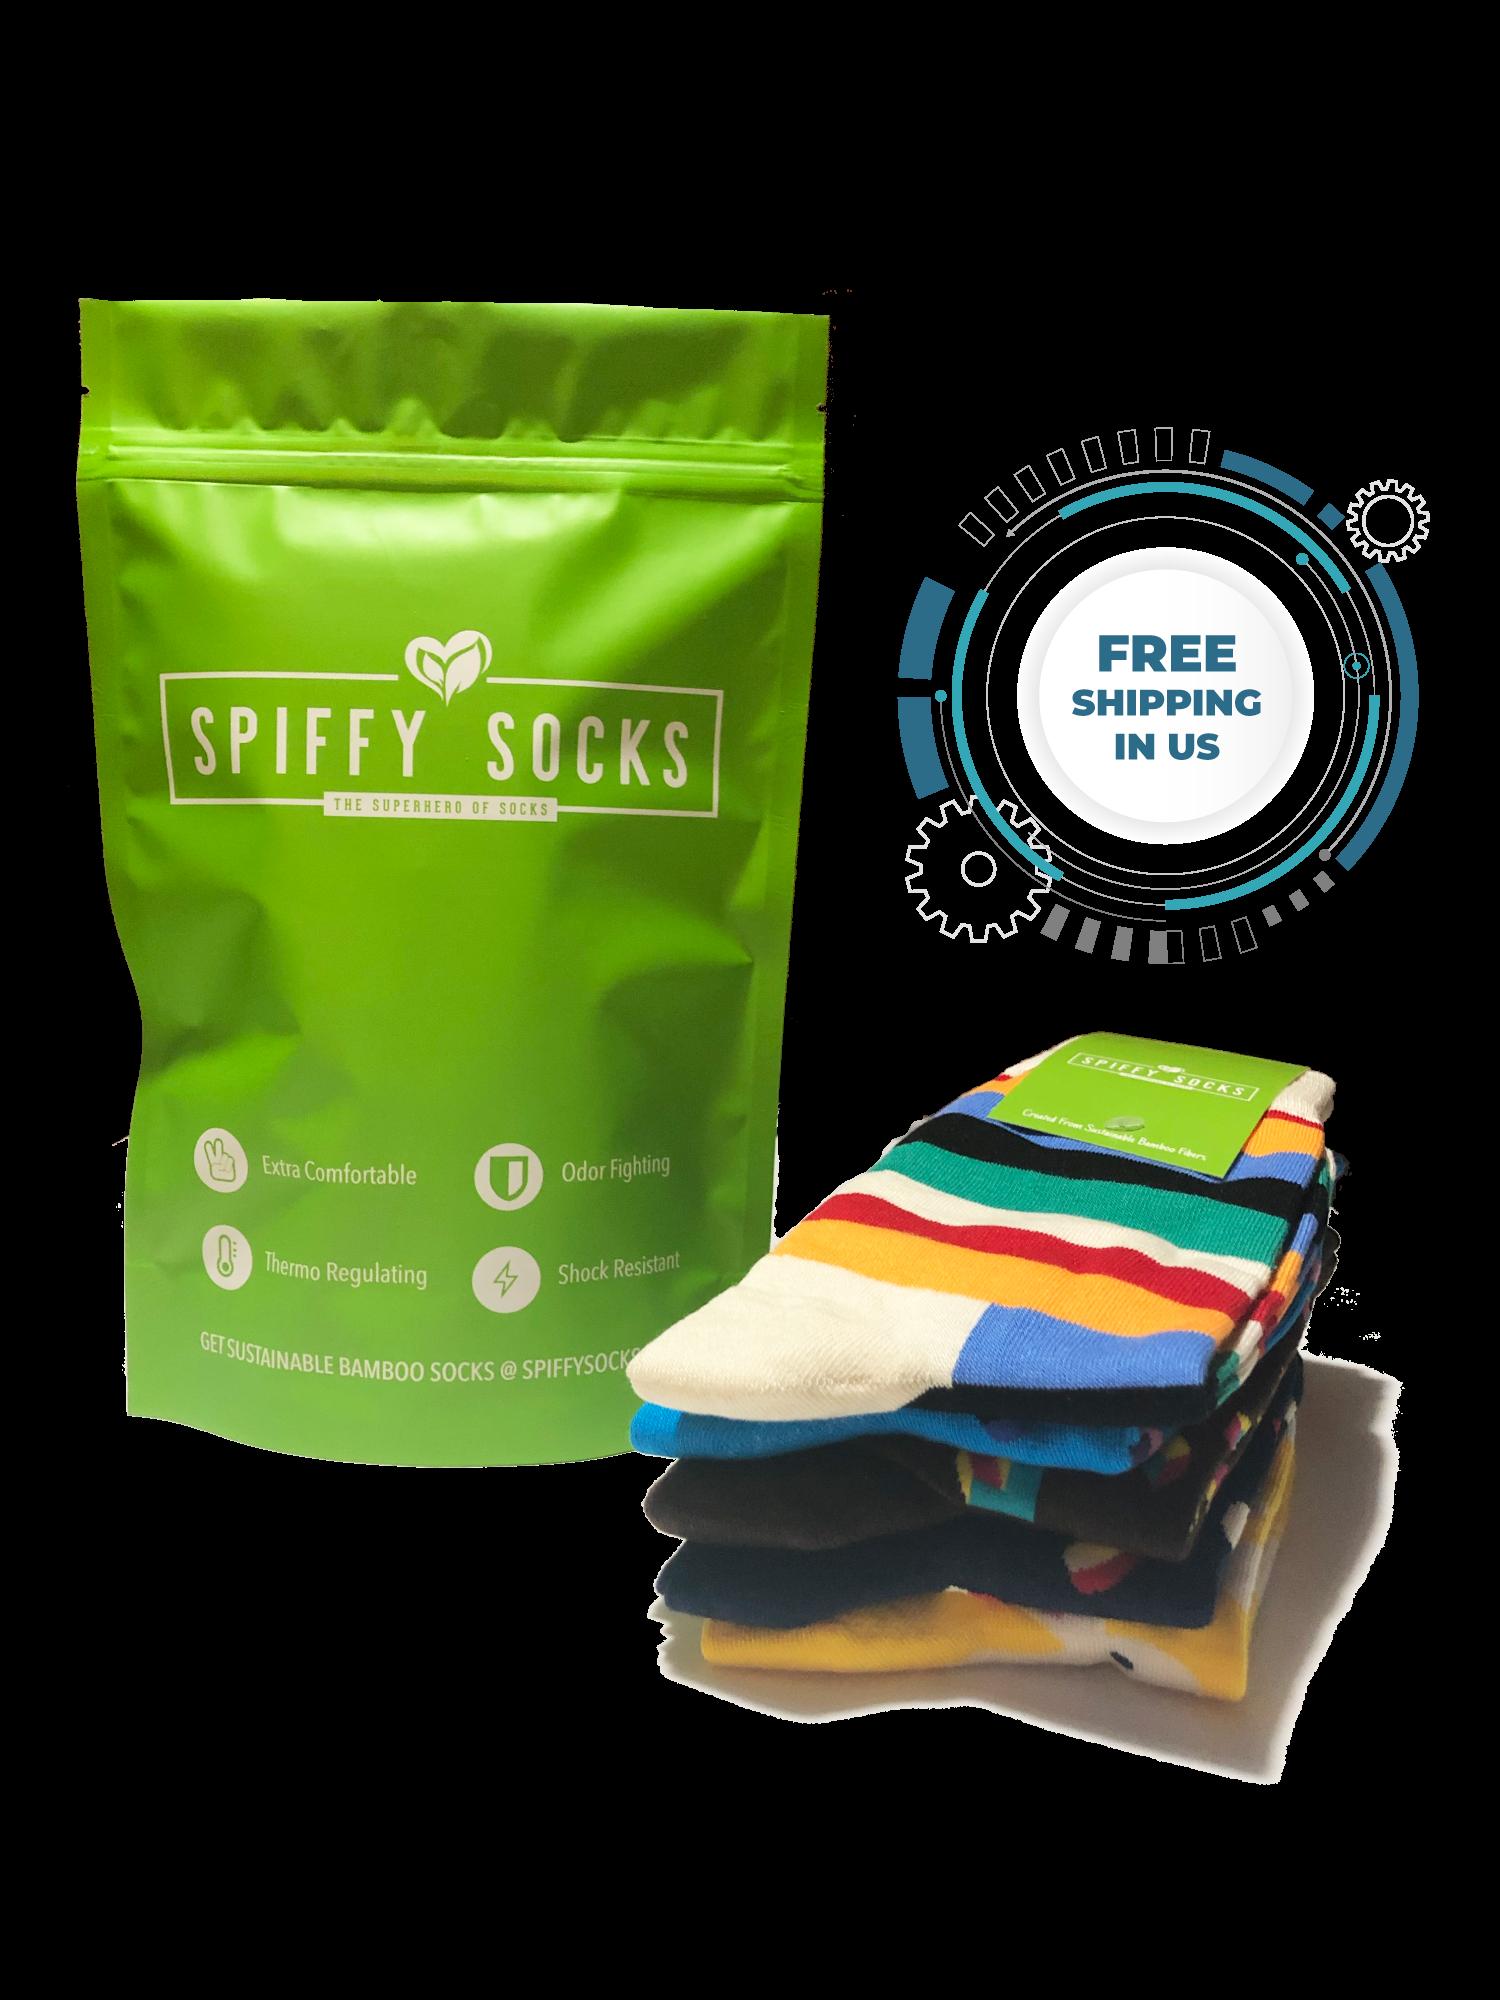 Spiffy Socks